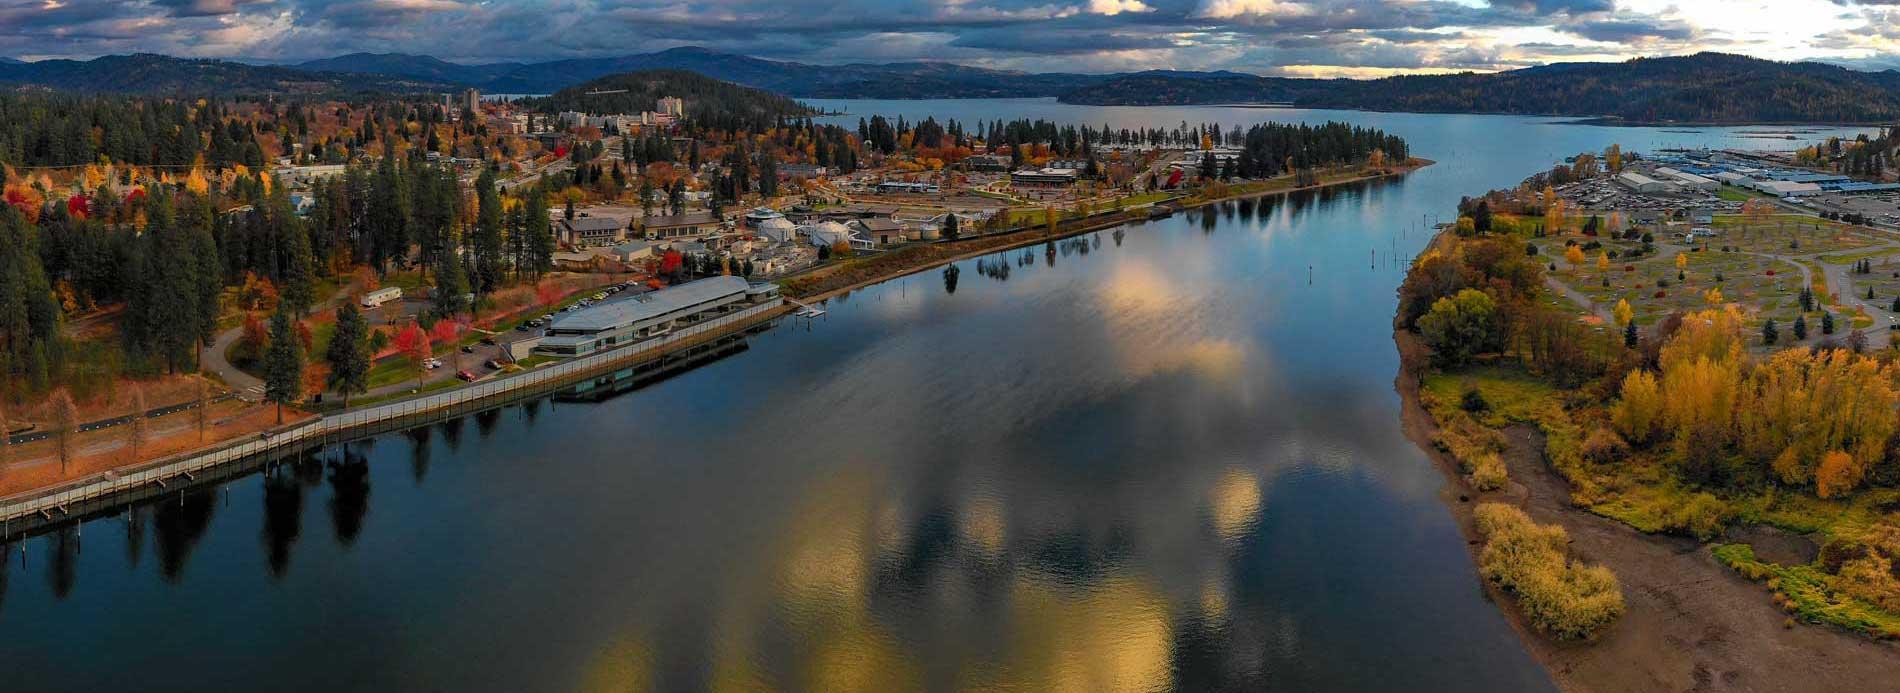 Coeur d'Alene next to Harrison Slough Lake